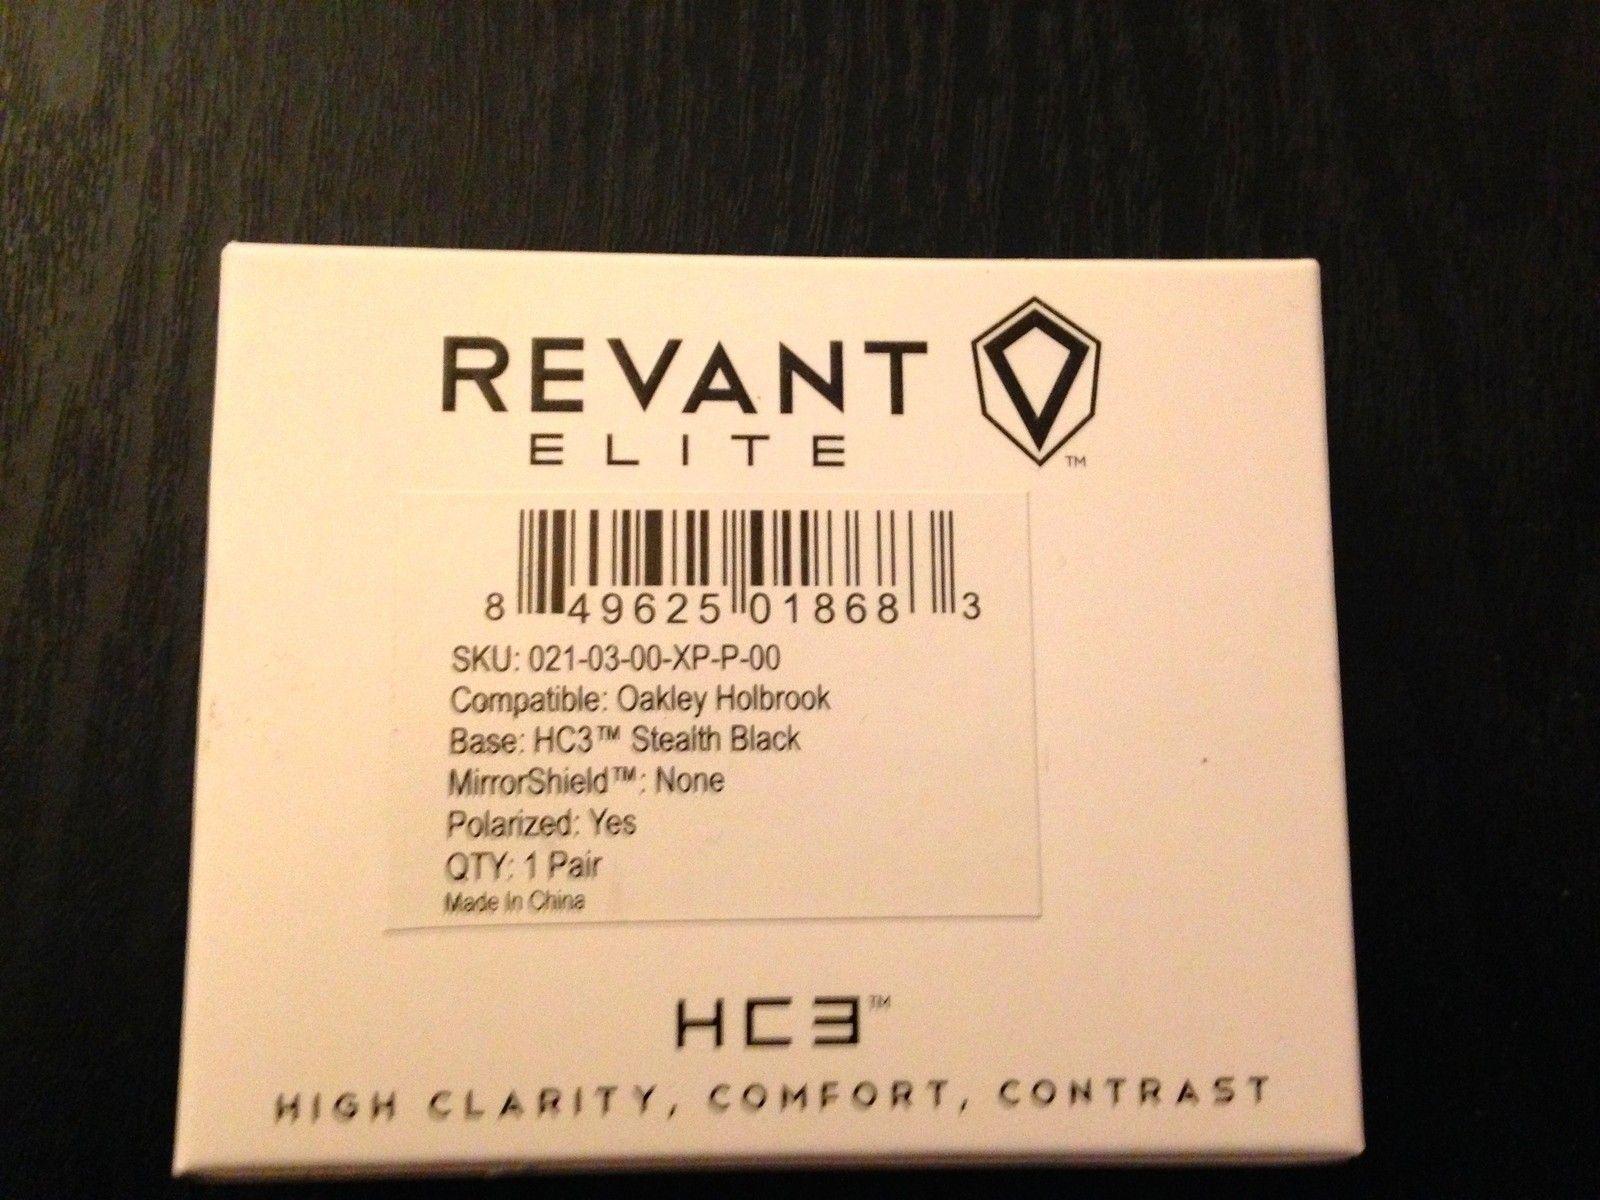 Revant Optics HC3 Elite Holbrook Lens Review - Revant_Elite_HC3_Holbrook_lenses.jpg